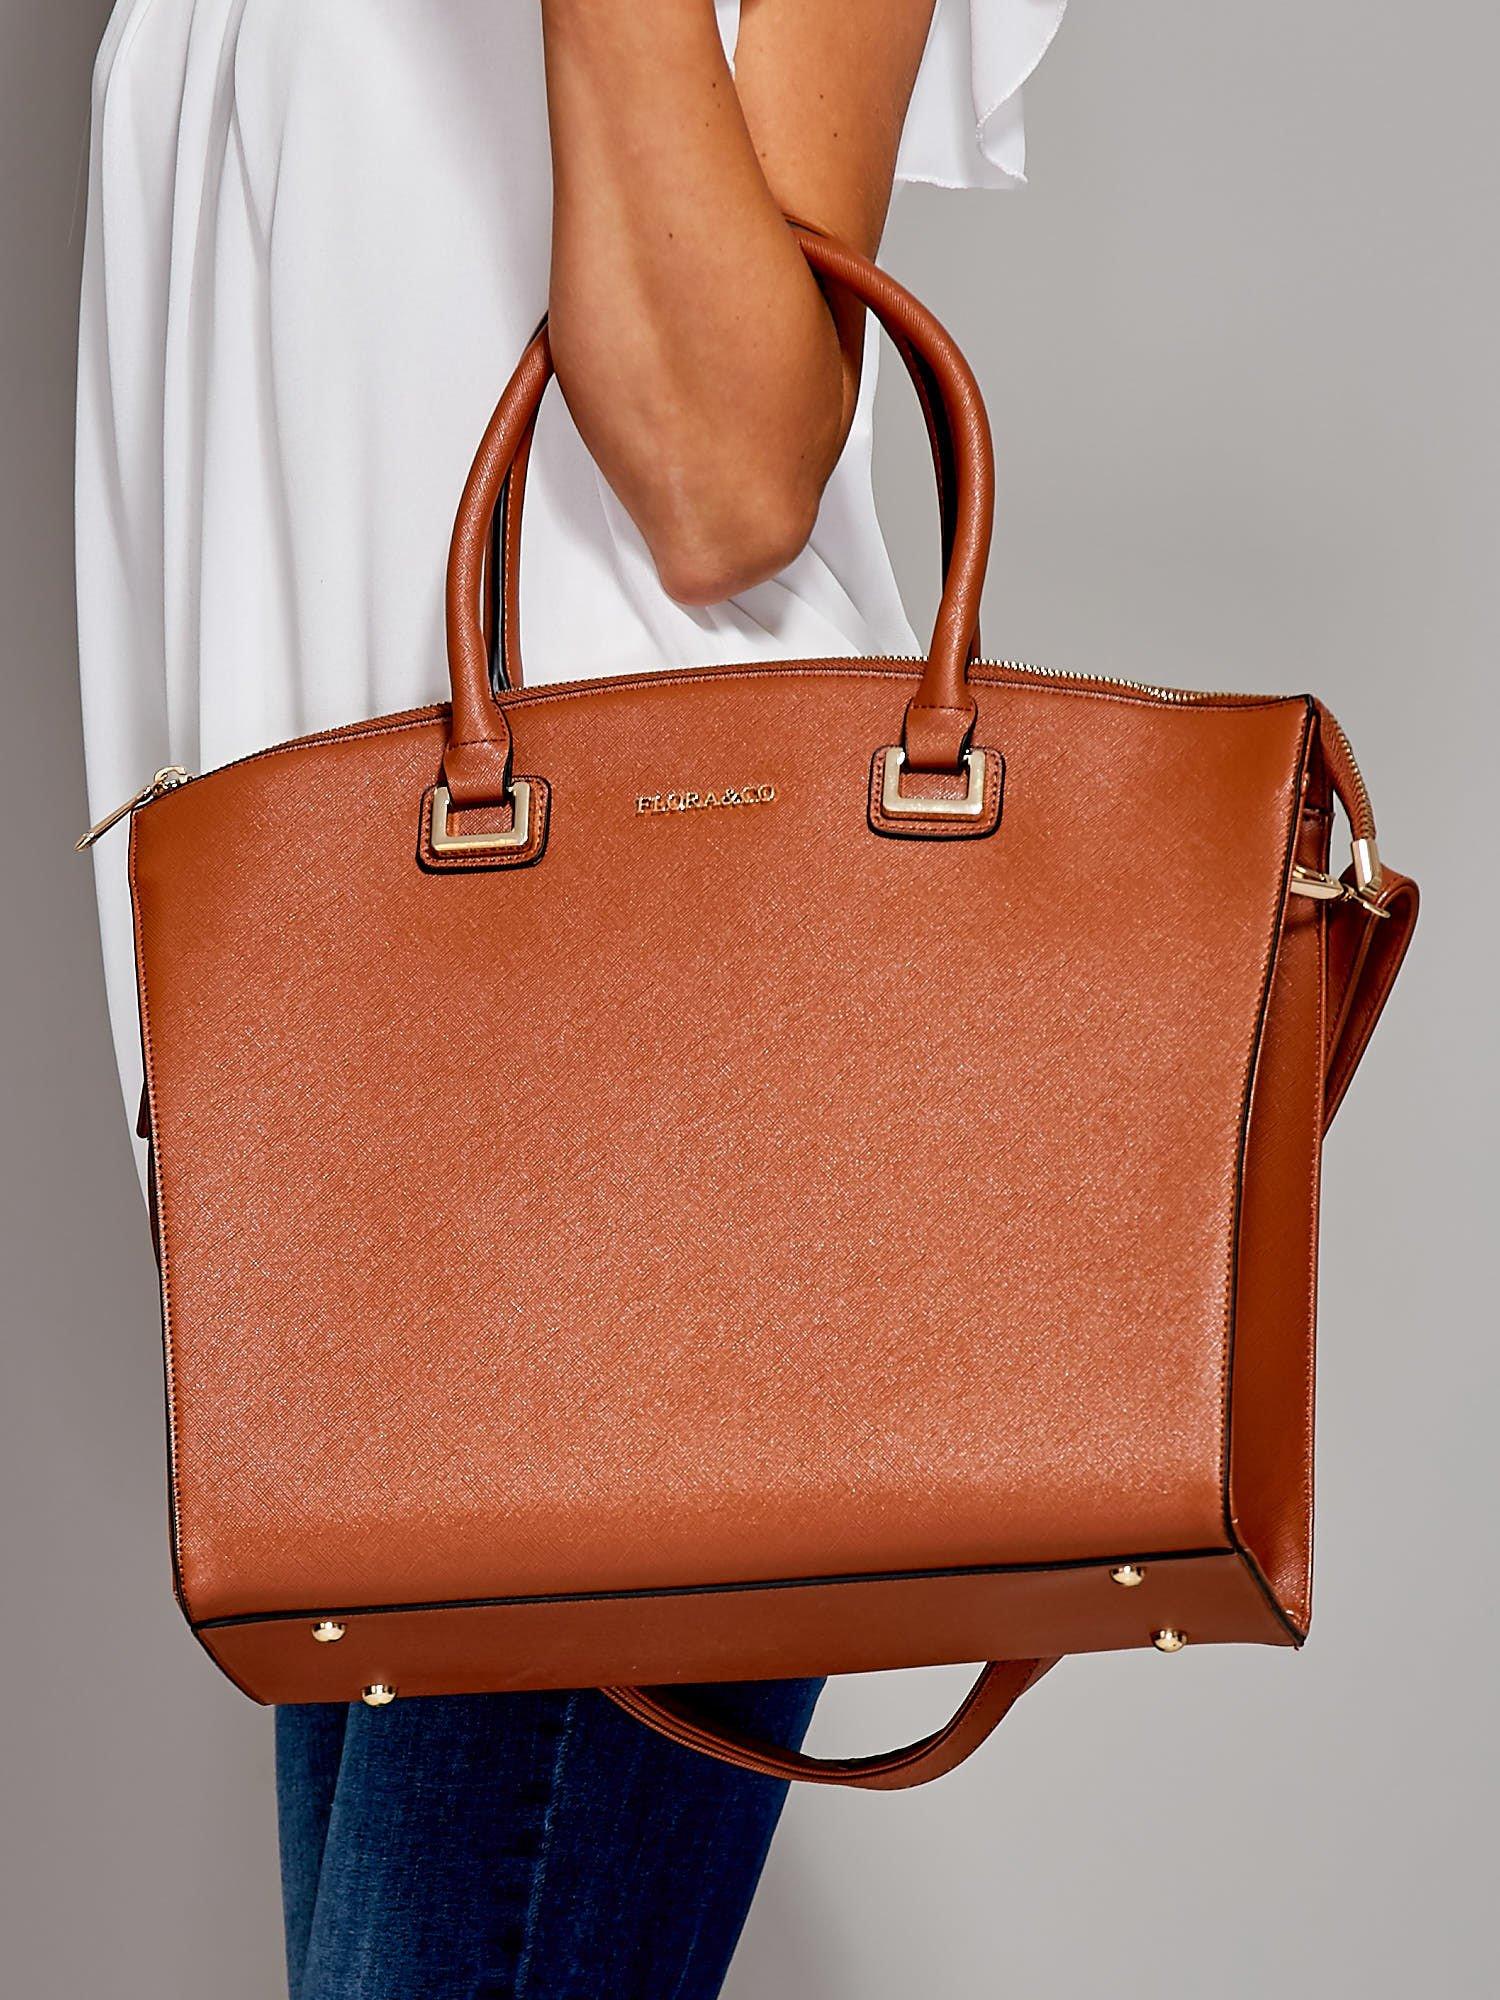 9e99c0e98ff41 Brązowa torba shopper bag ze złotymi okuciami - Akcesoria torba ...